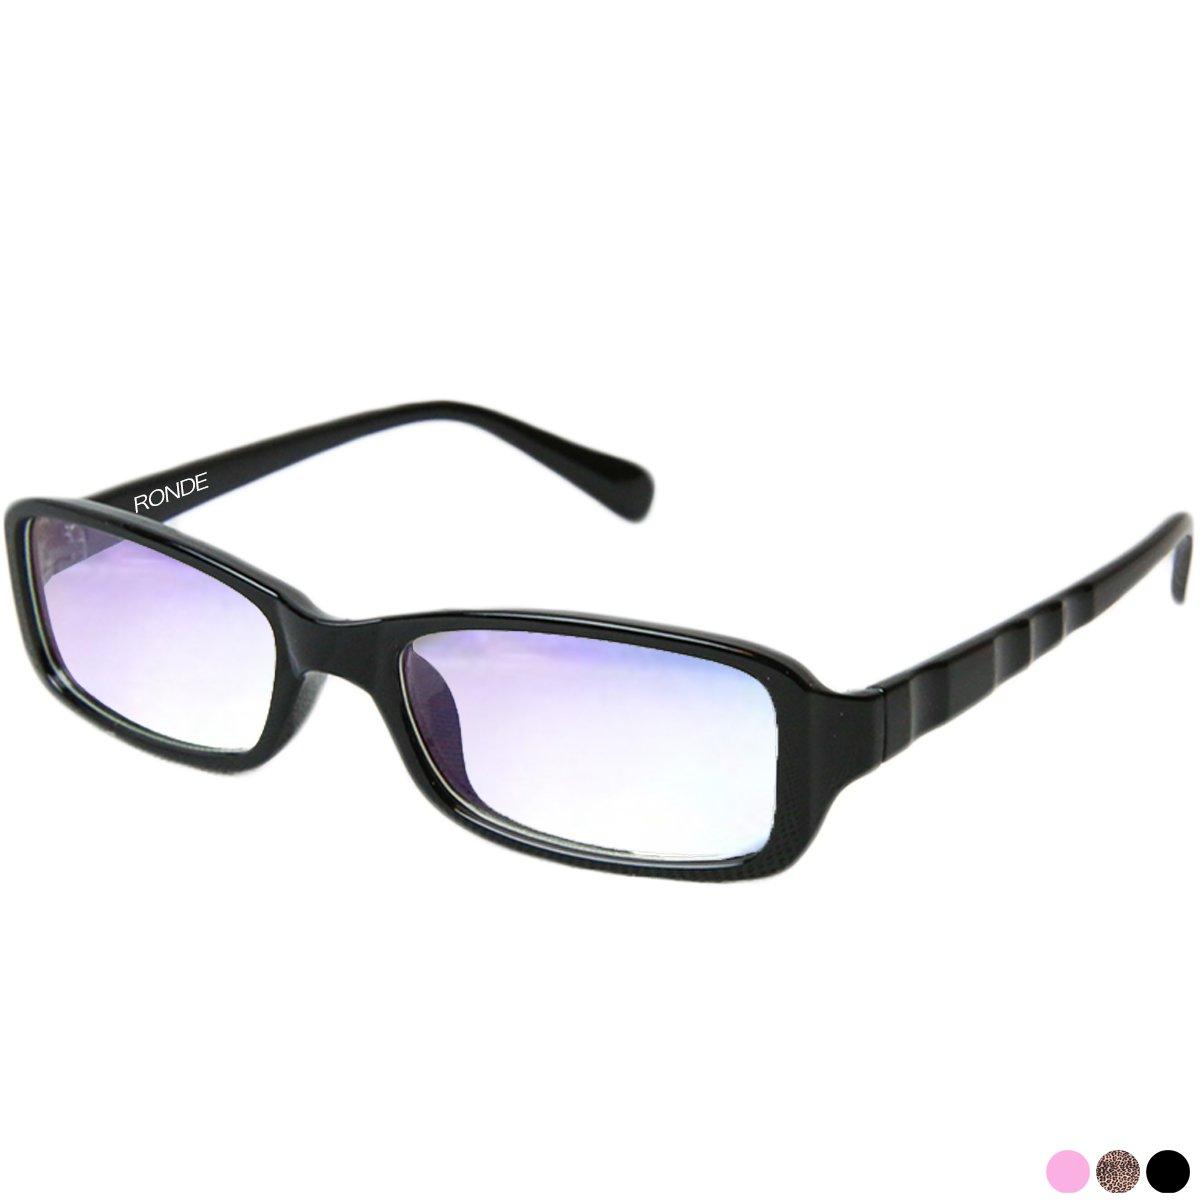 RONDE ブルーライトカット 眼鏡 パソコン用メガネ PCメガネ レディース ファッションメガネレディース キッズ 子供用 ケース付き ブラックの画像